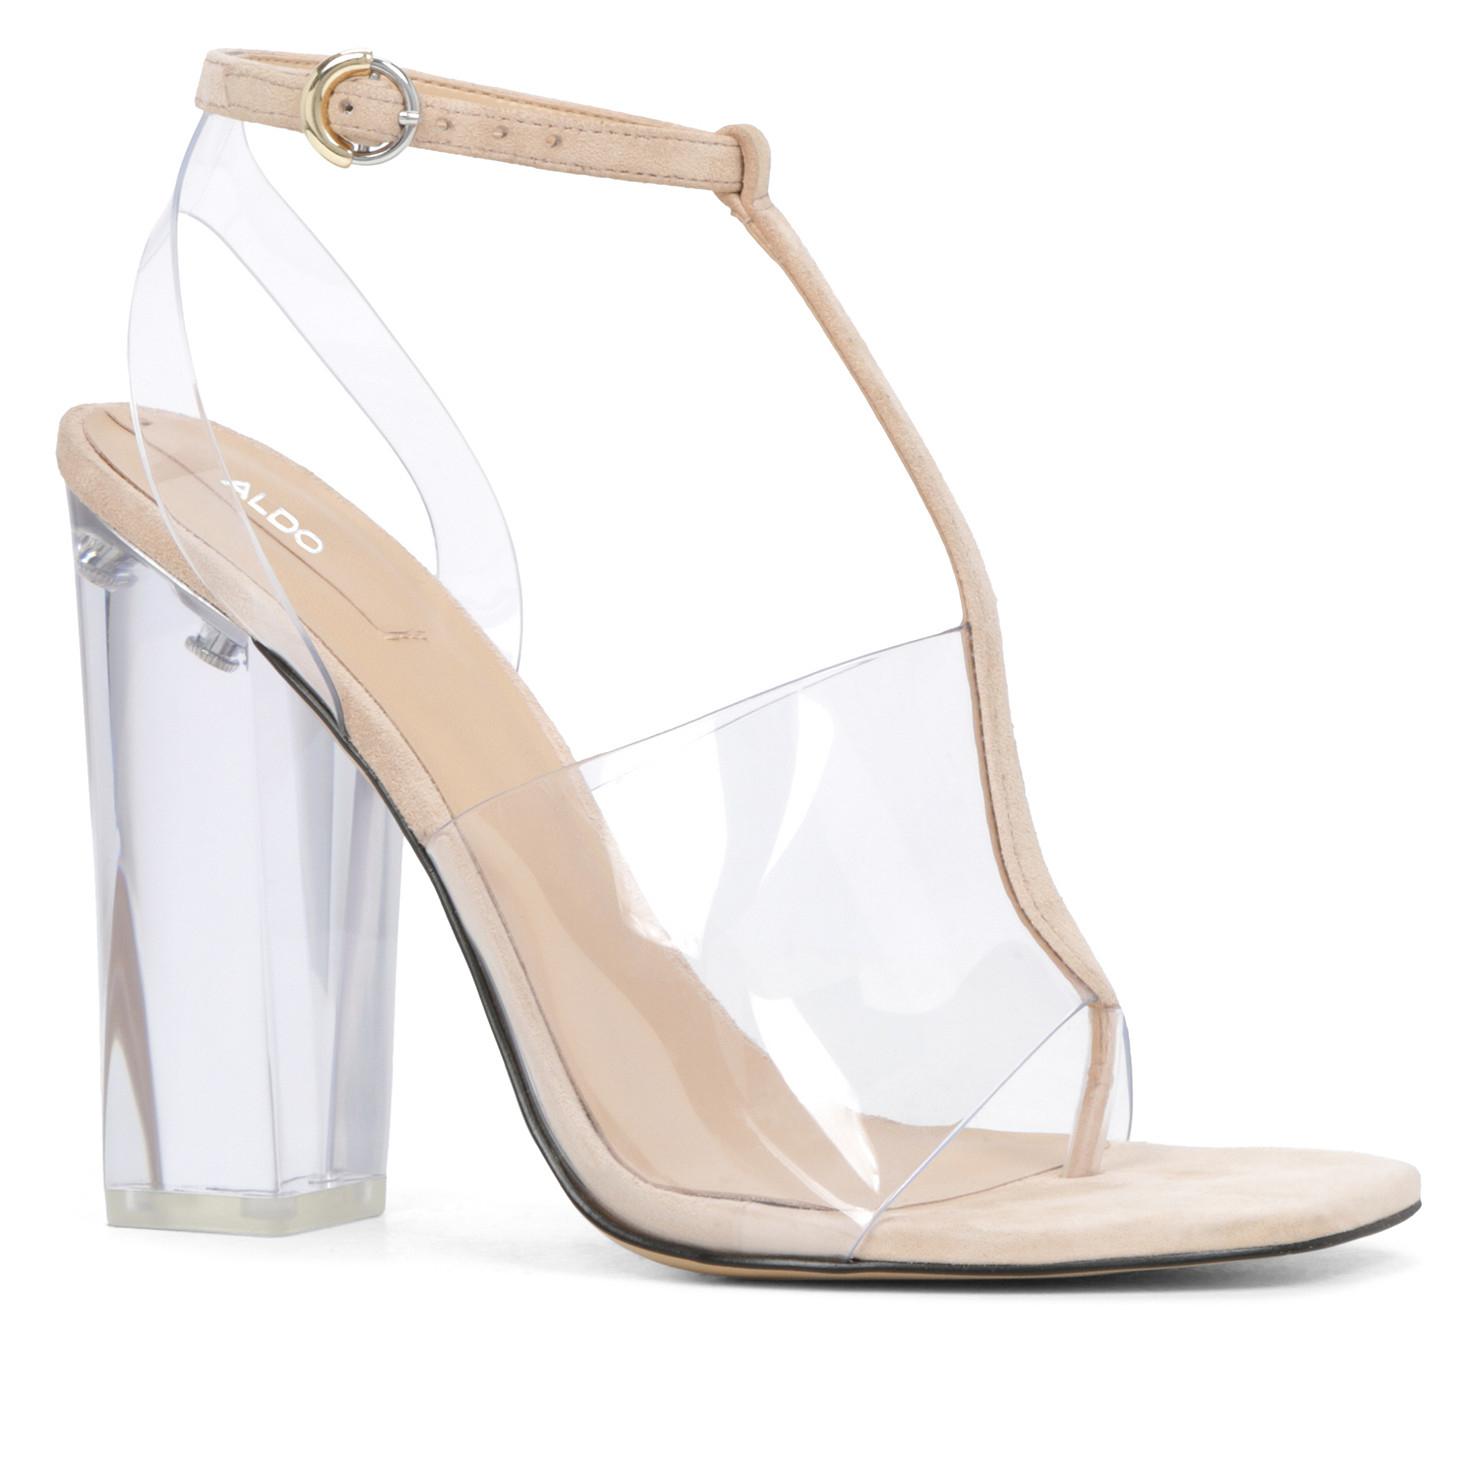 Aldo Shoes Womens Platforms